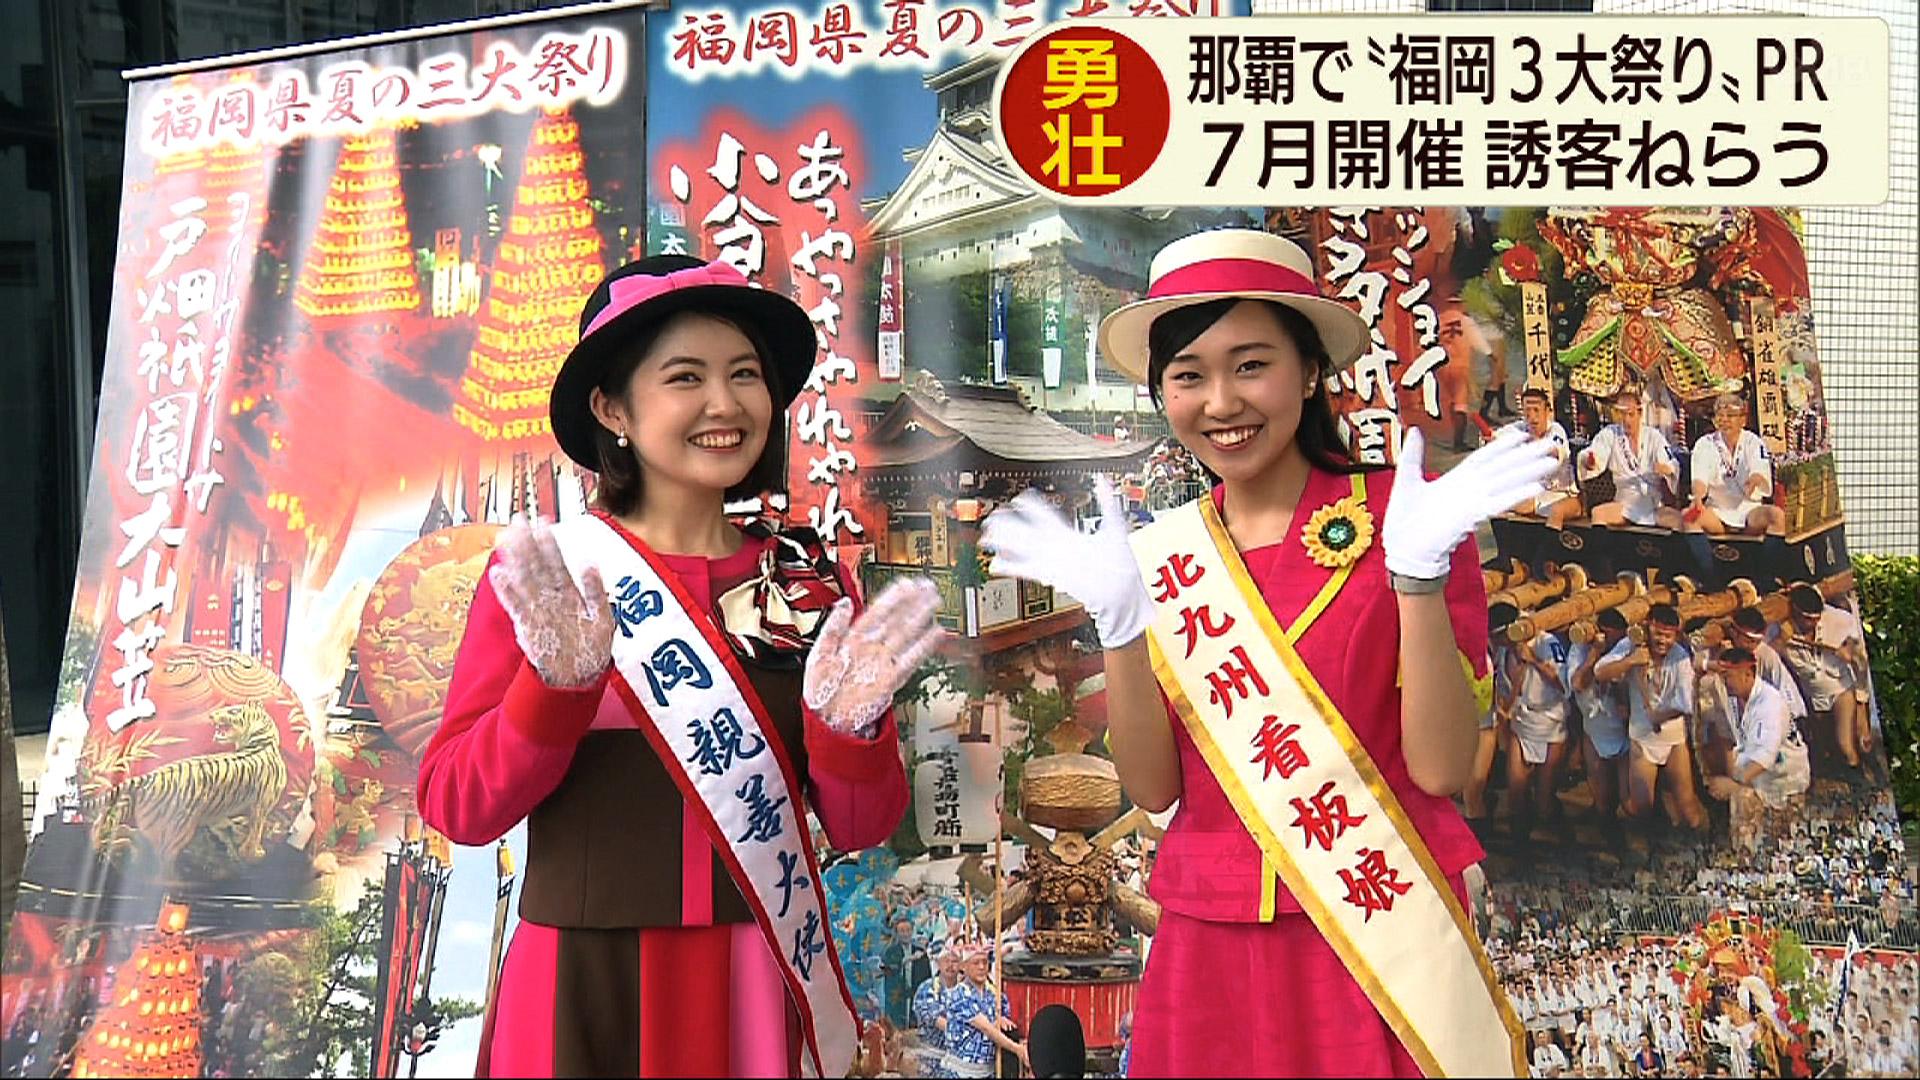 福岡 夏の3大祭りPR